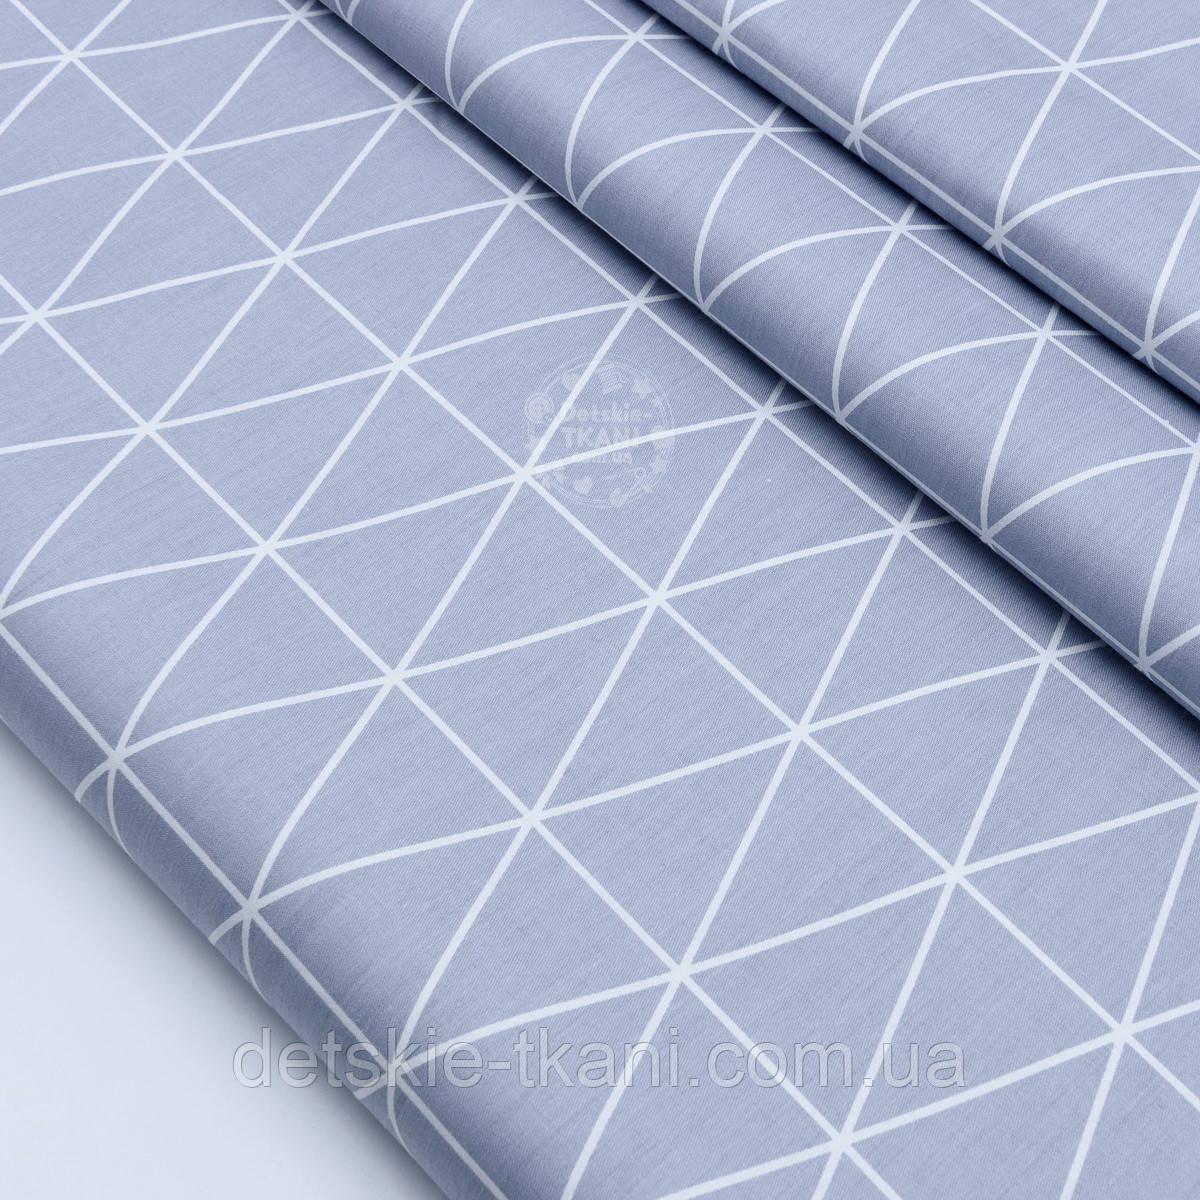 """Сатин ткань """"Контуры треугольников 5.5 см."""" на сером, №1719с"""